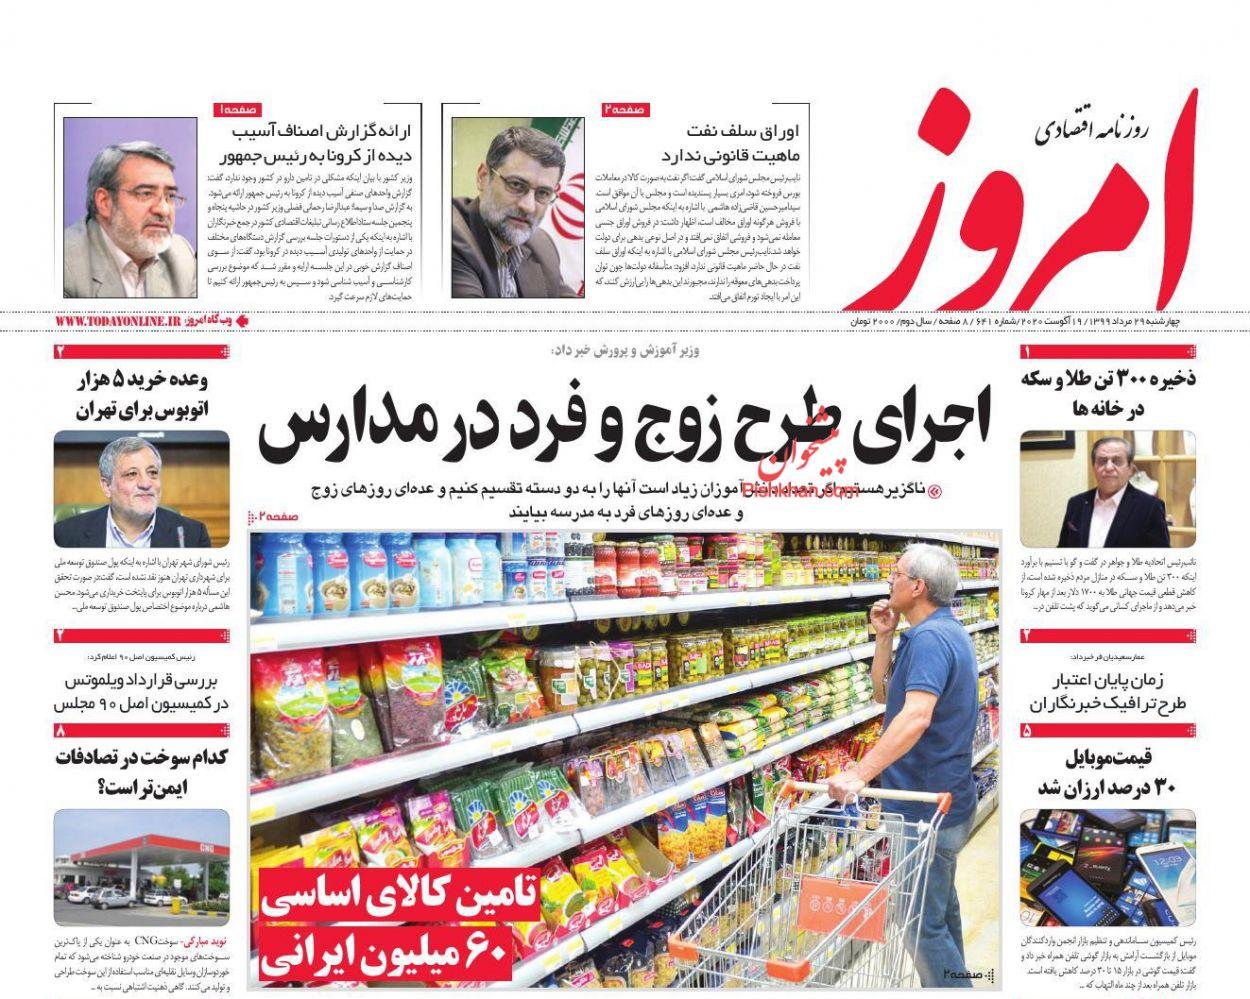 عناوین اخبار روزنامه امروز در روز چهارشنبه ۲۹ مرداد